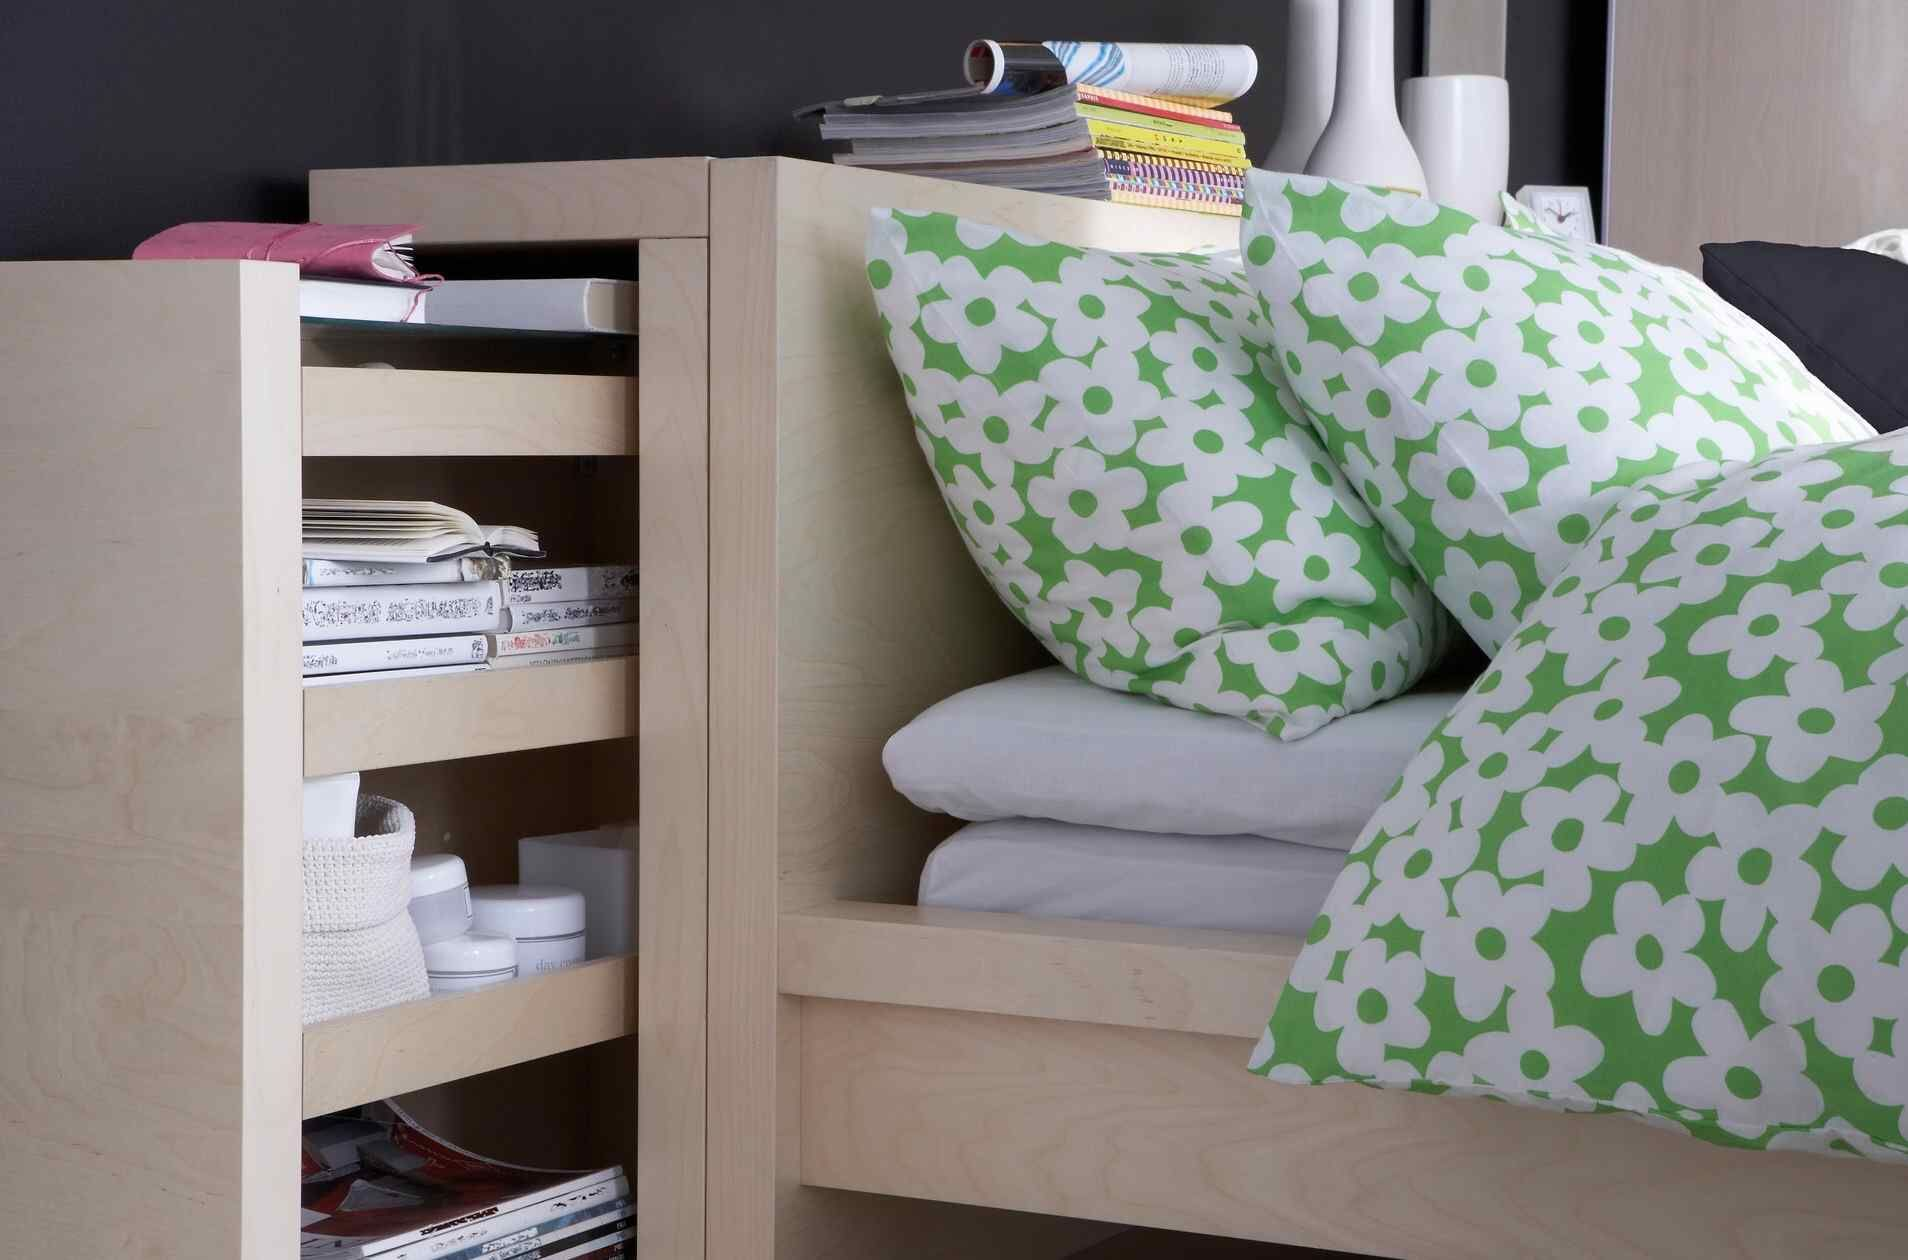 T te de lit avec rangement int gr par ikea tiroir coulissant et literie motifs floraux - Lit rangement ikea ...